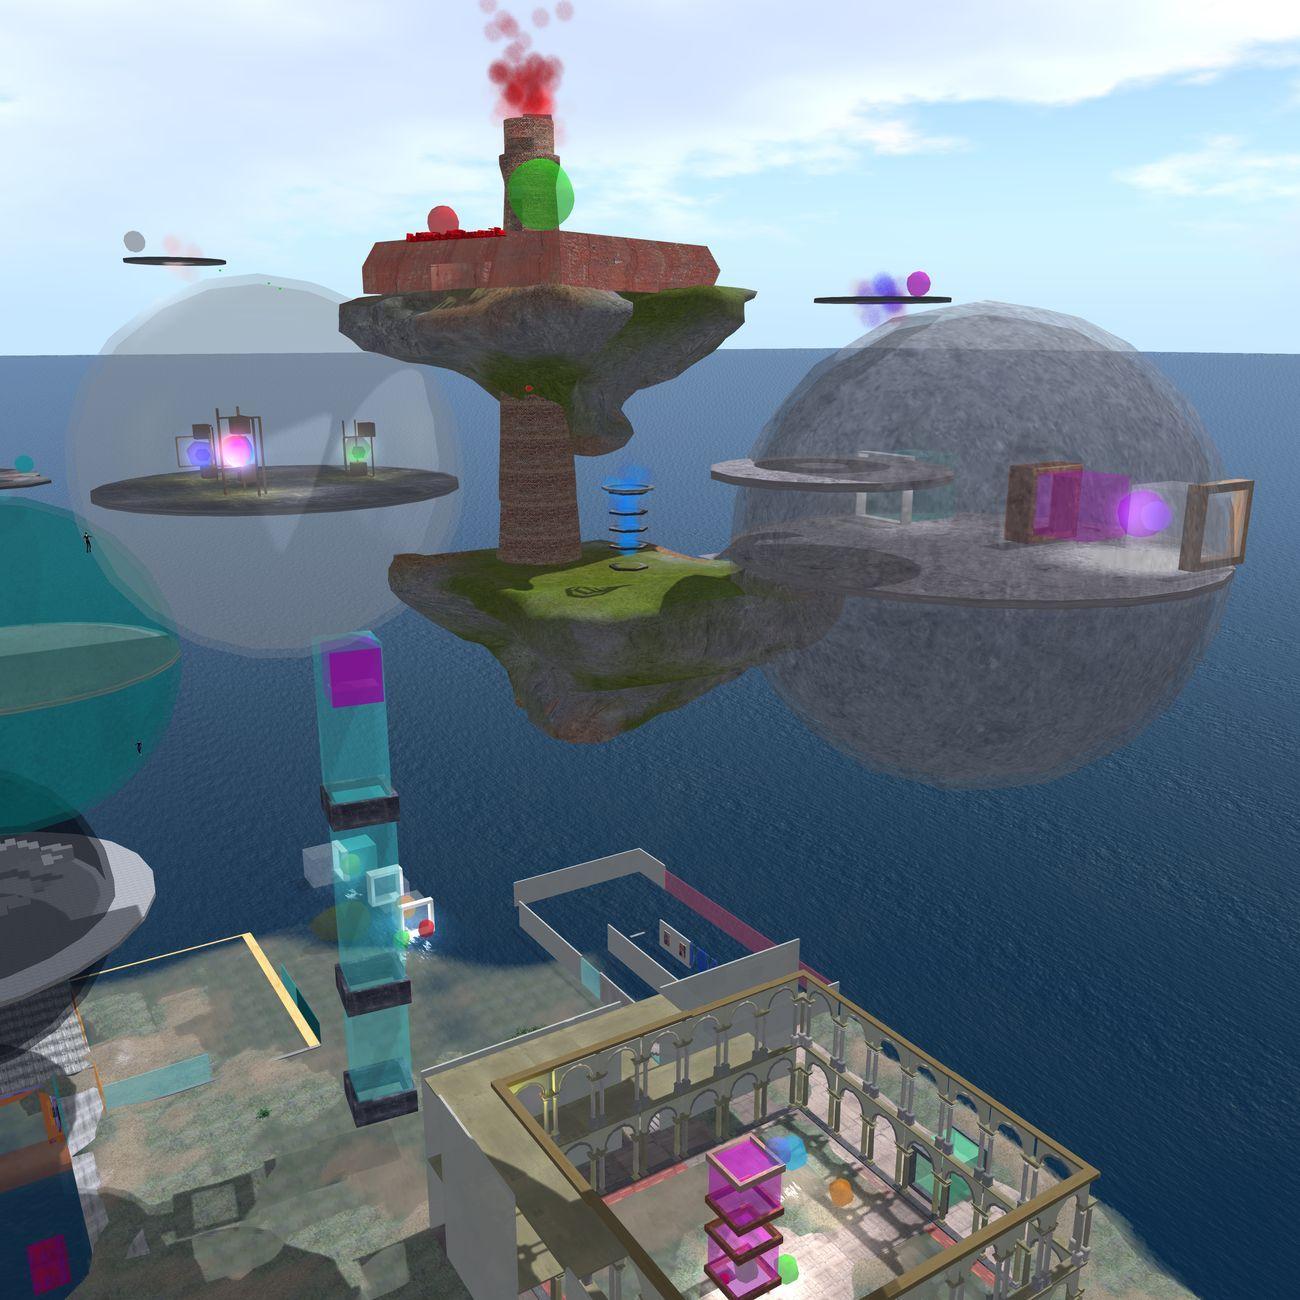 Brera Academy virtual lab, laboratorio di progettazione virtuale dell'Accademia di Belle Arti di Brera in Second Life nel 2013